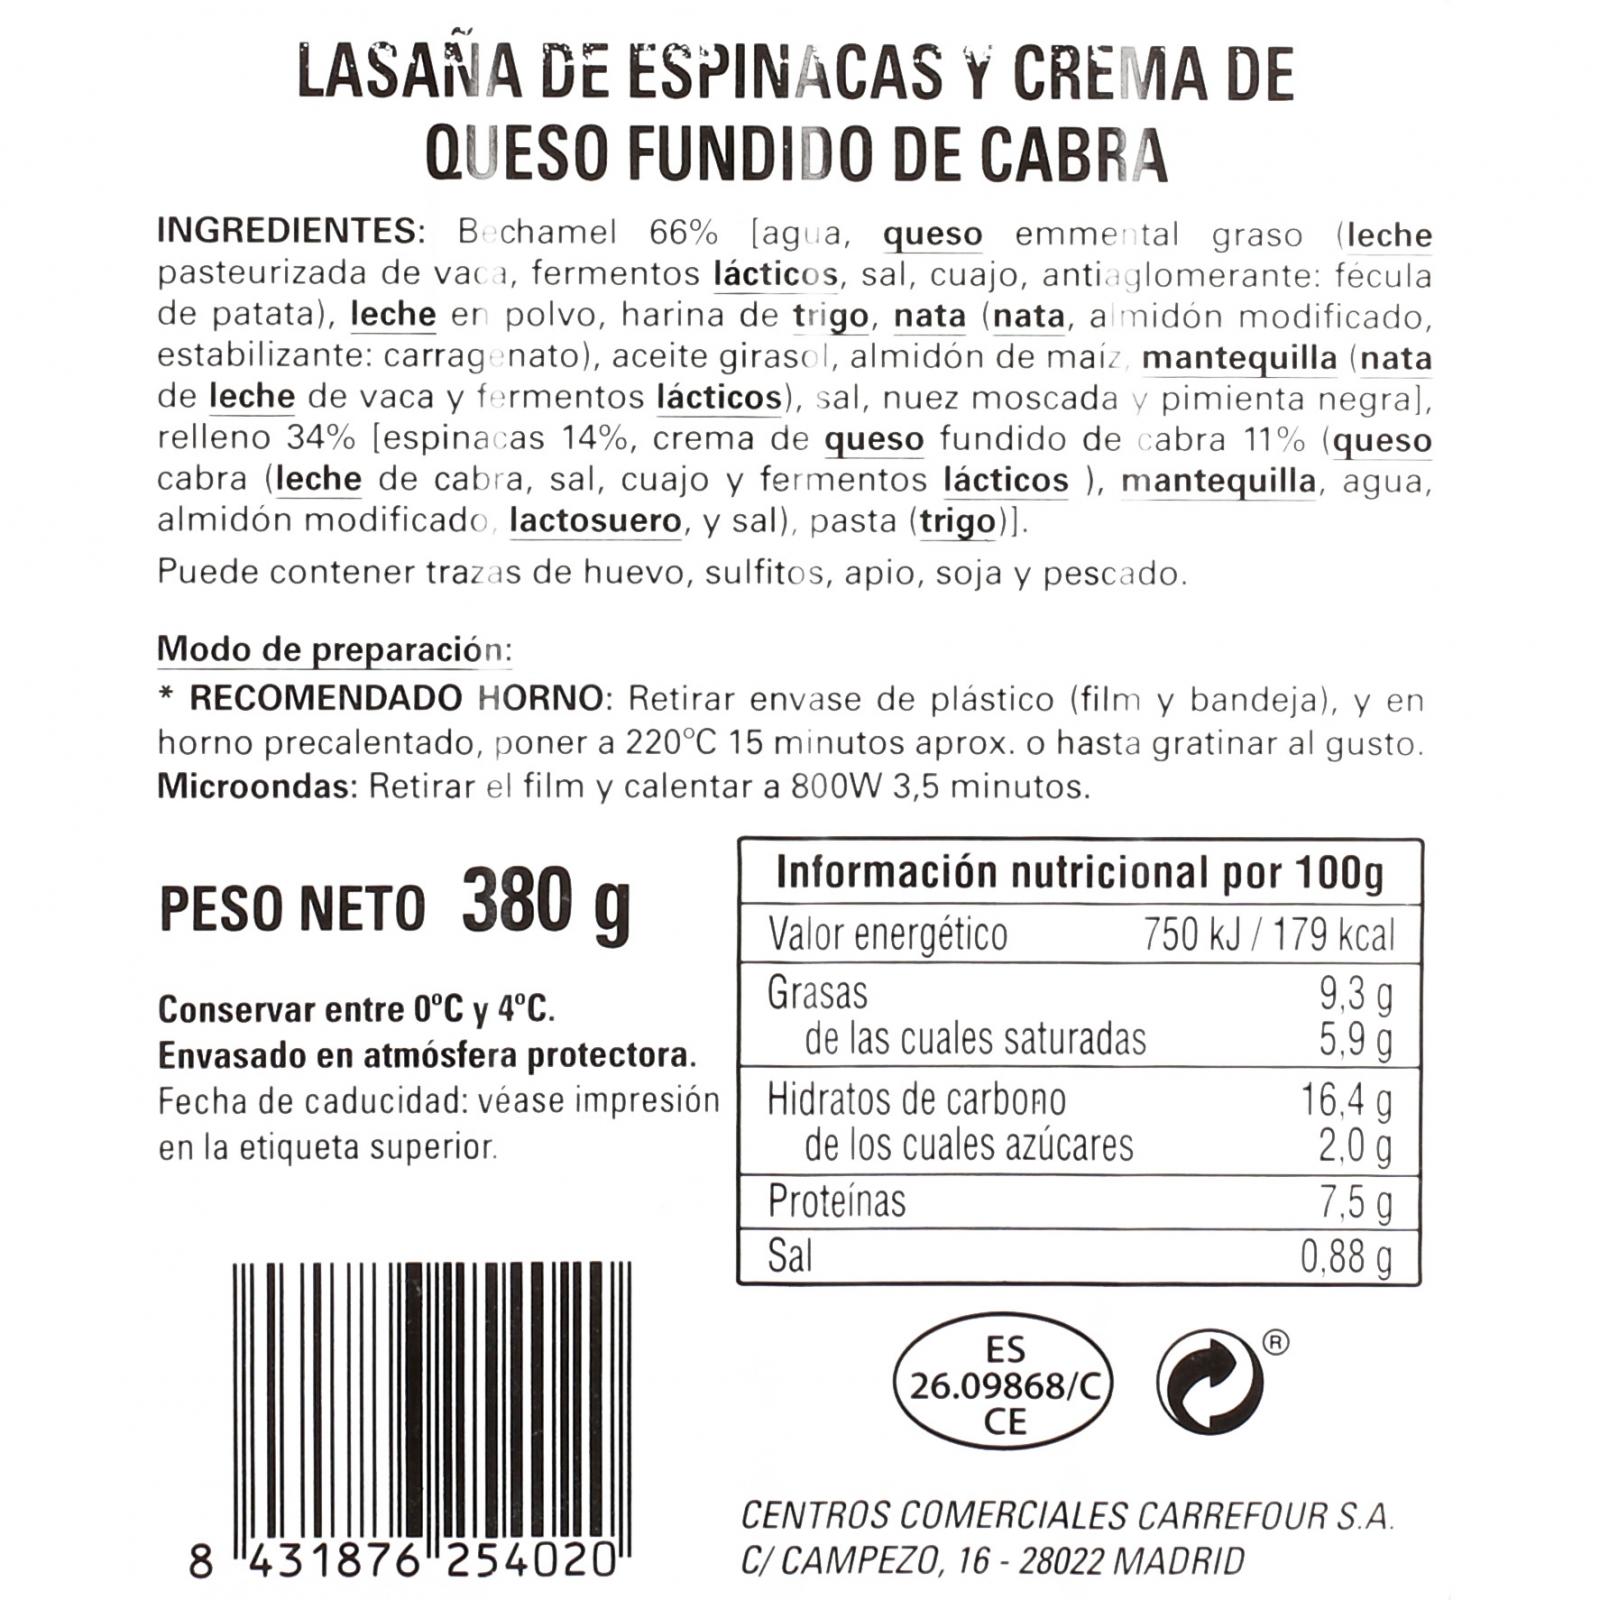 Lasaña de espinacas y queso de cabra - 3